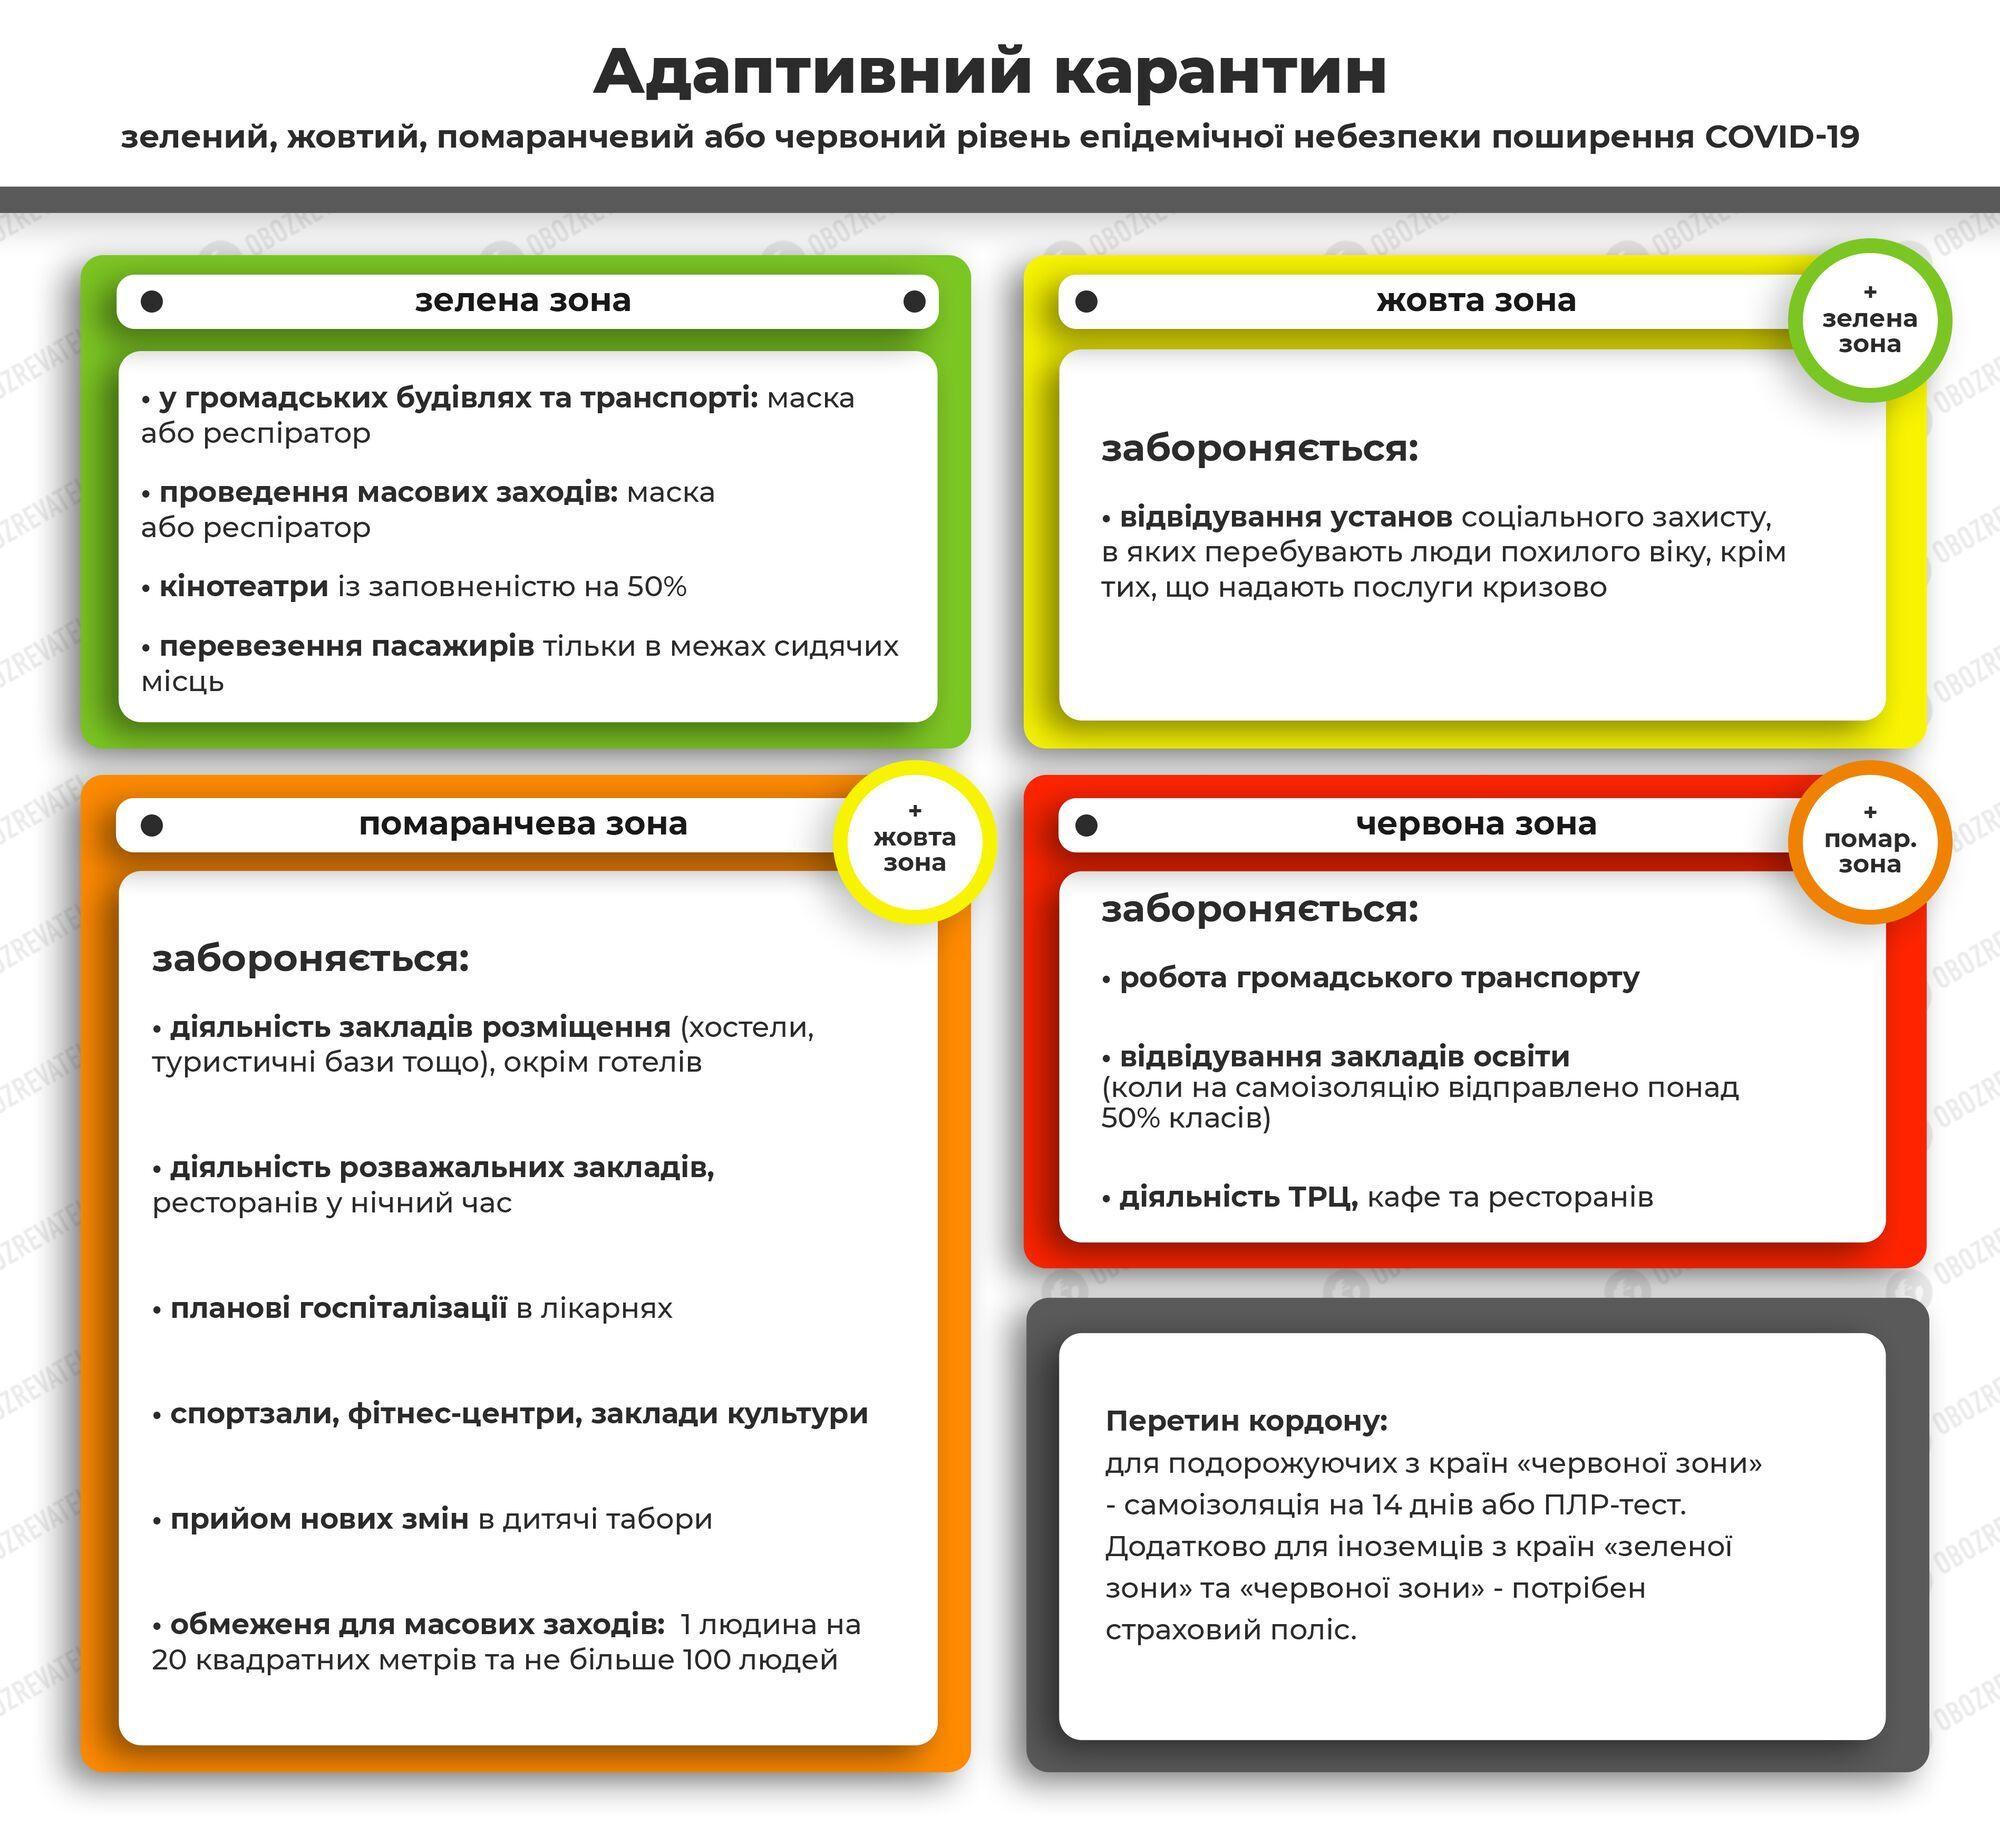 Карантин в Украине: запреты по зонам